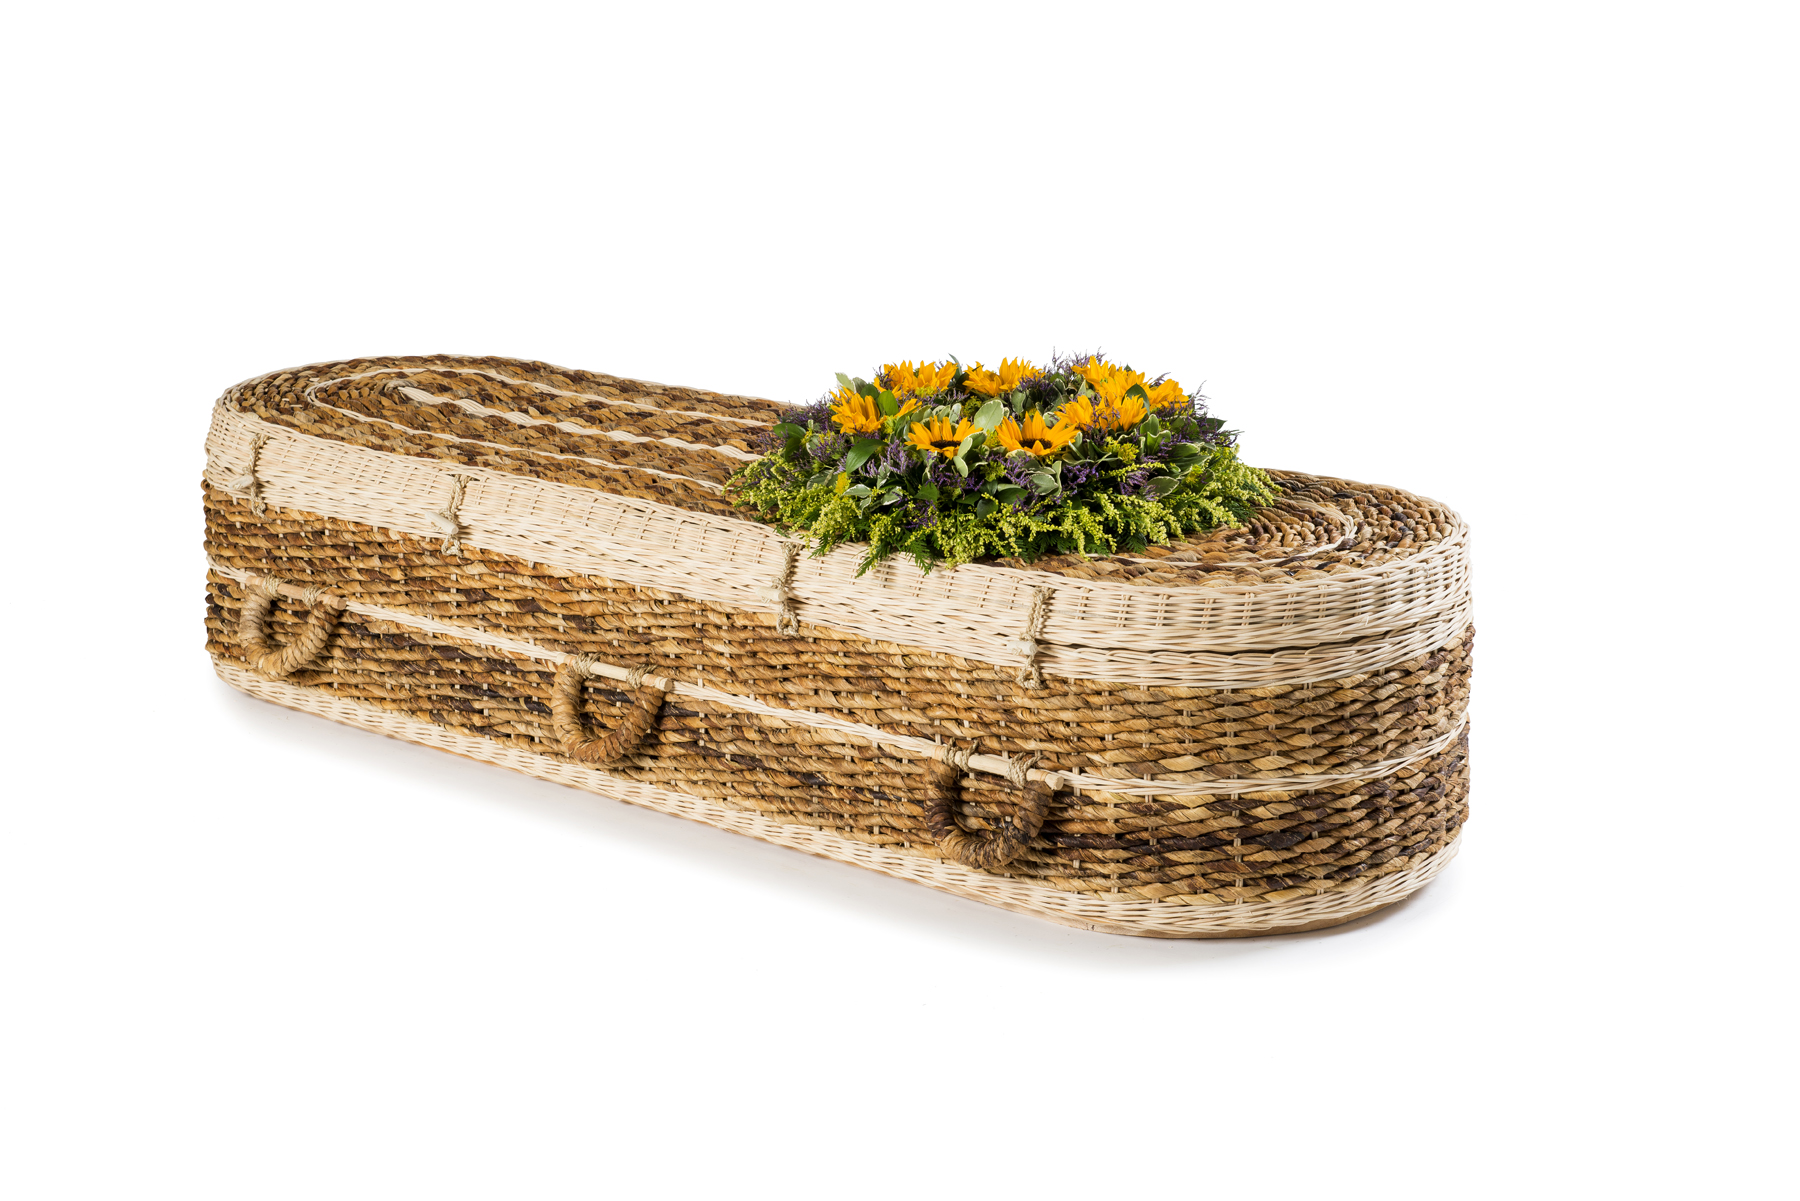 Banana casket - Round